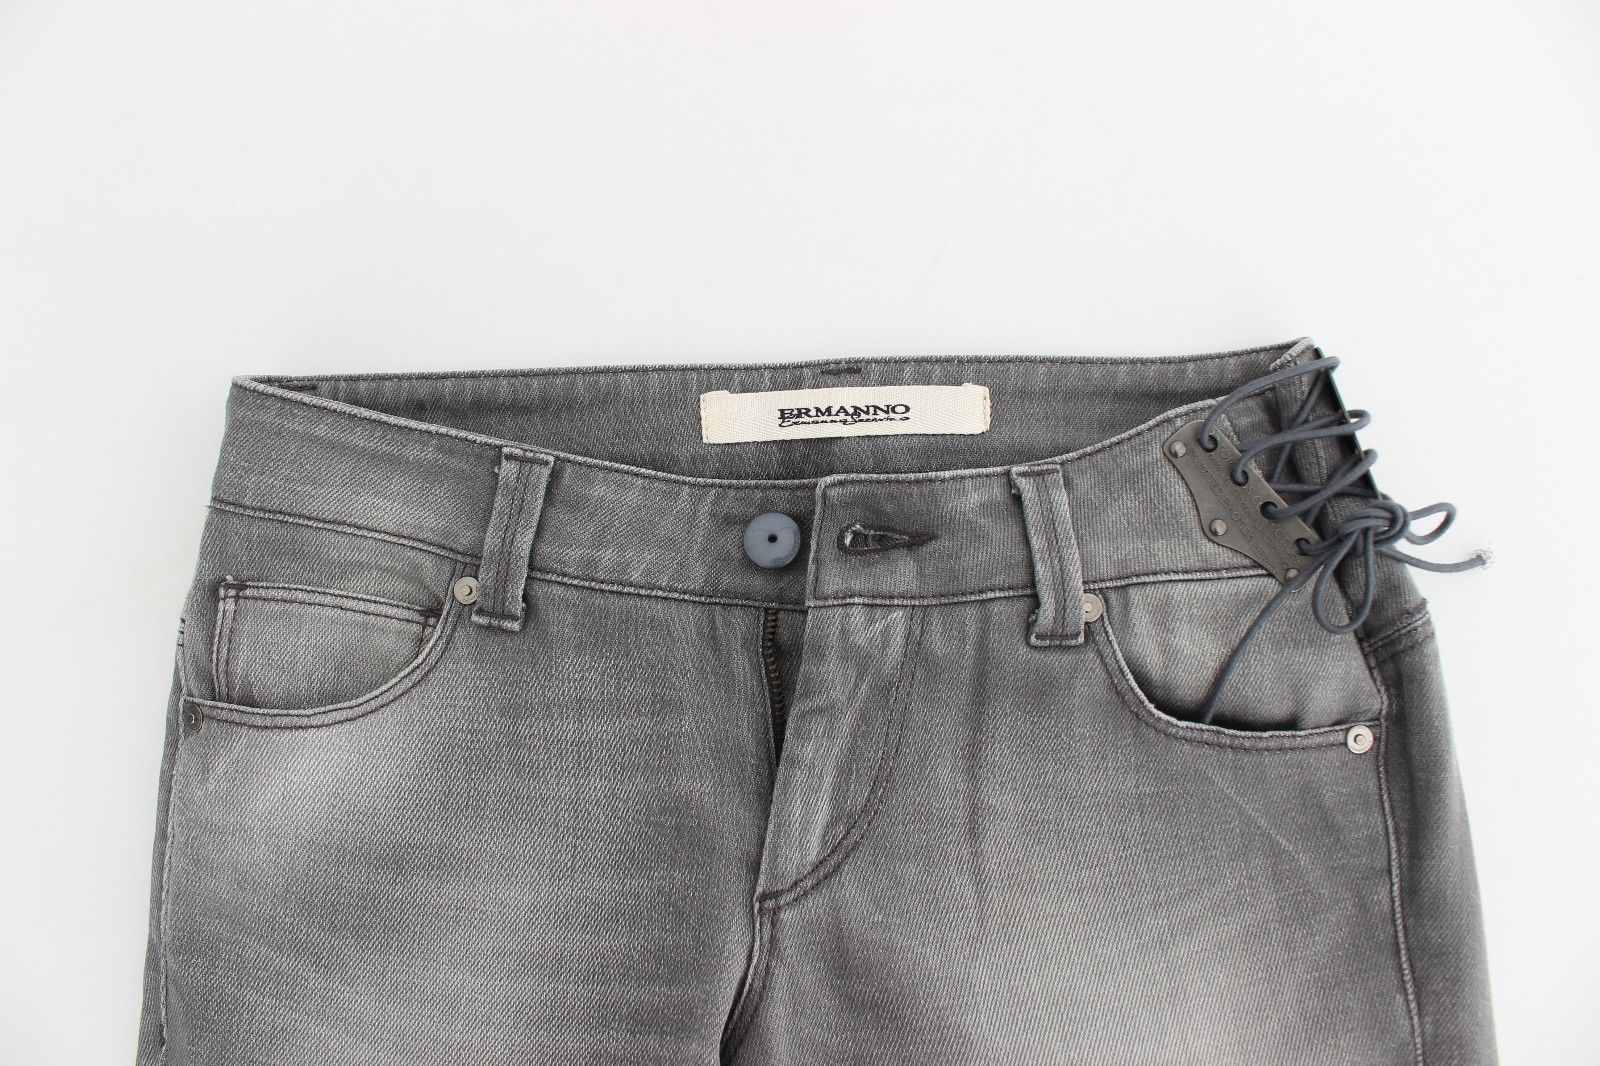 Ermanno Scervino Gray Slim Jeans Denim Pants Skinny Stretch